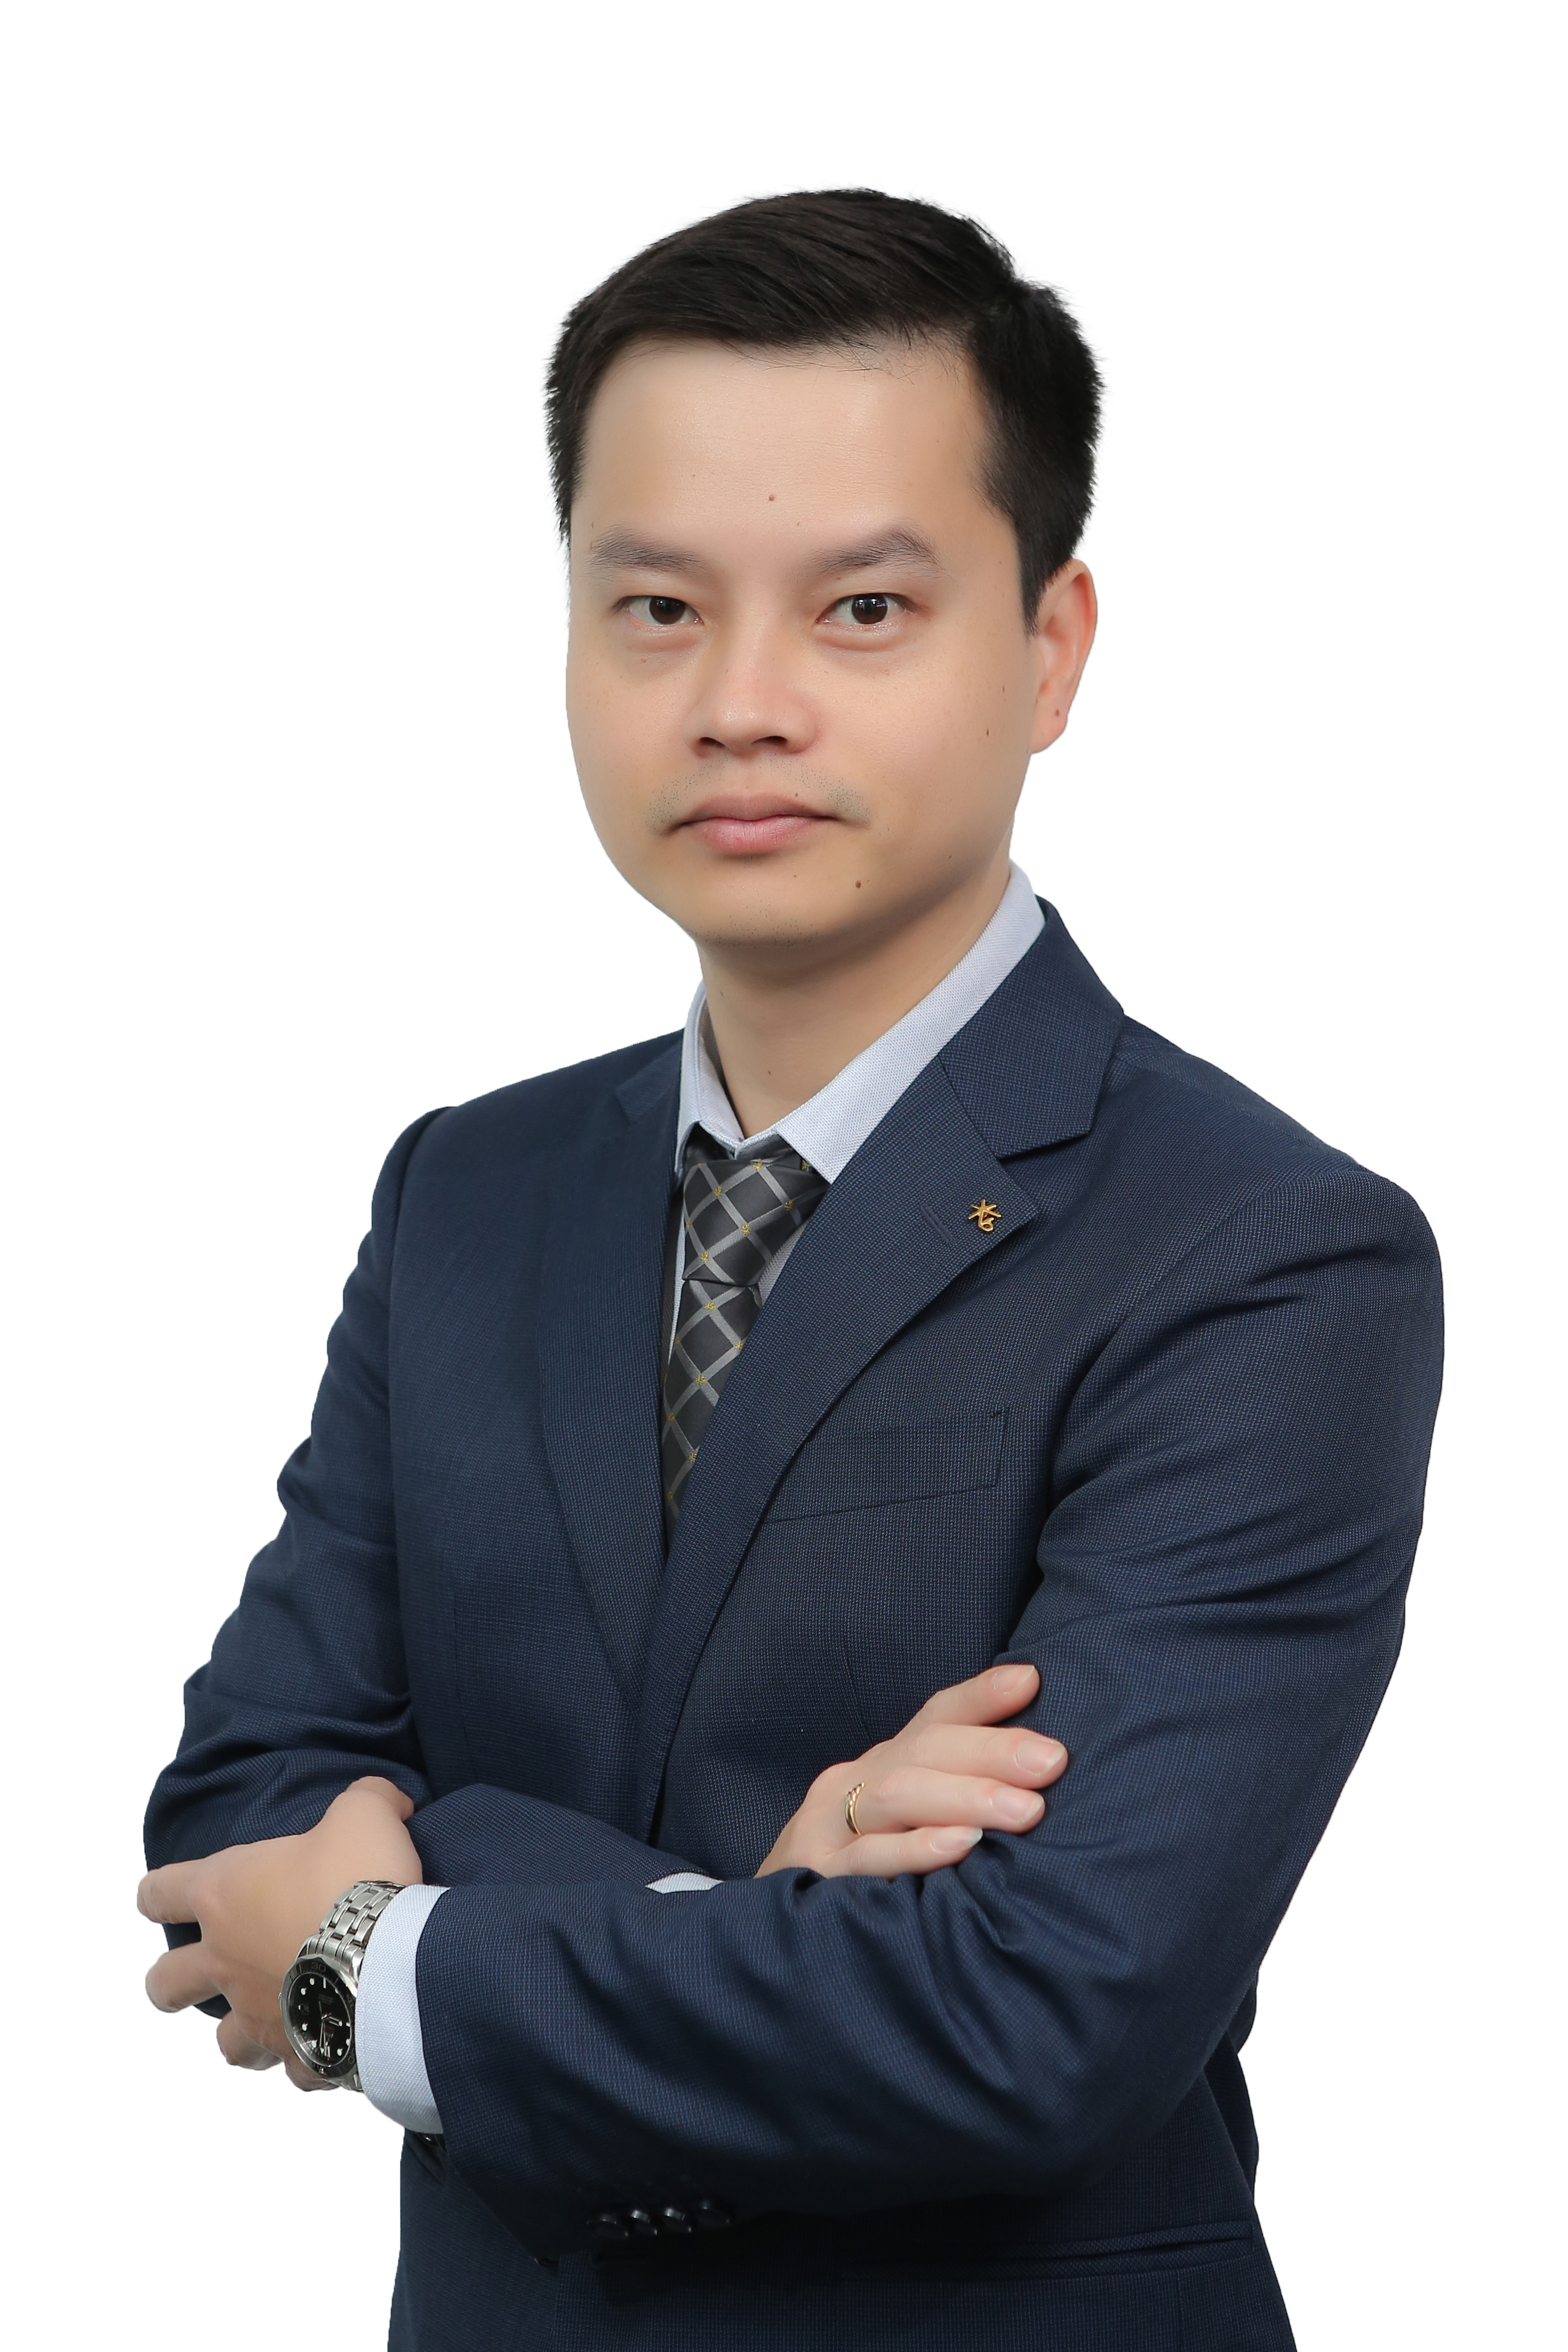 Mr. Nguyen Xuan Binh